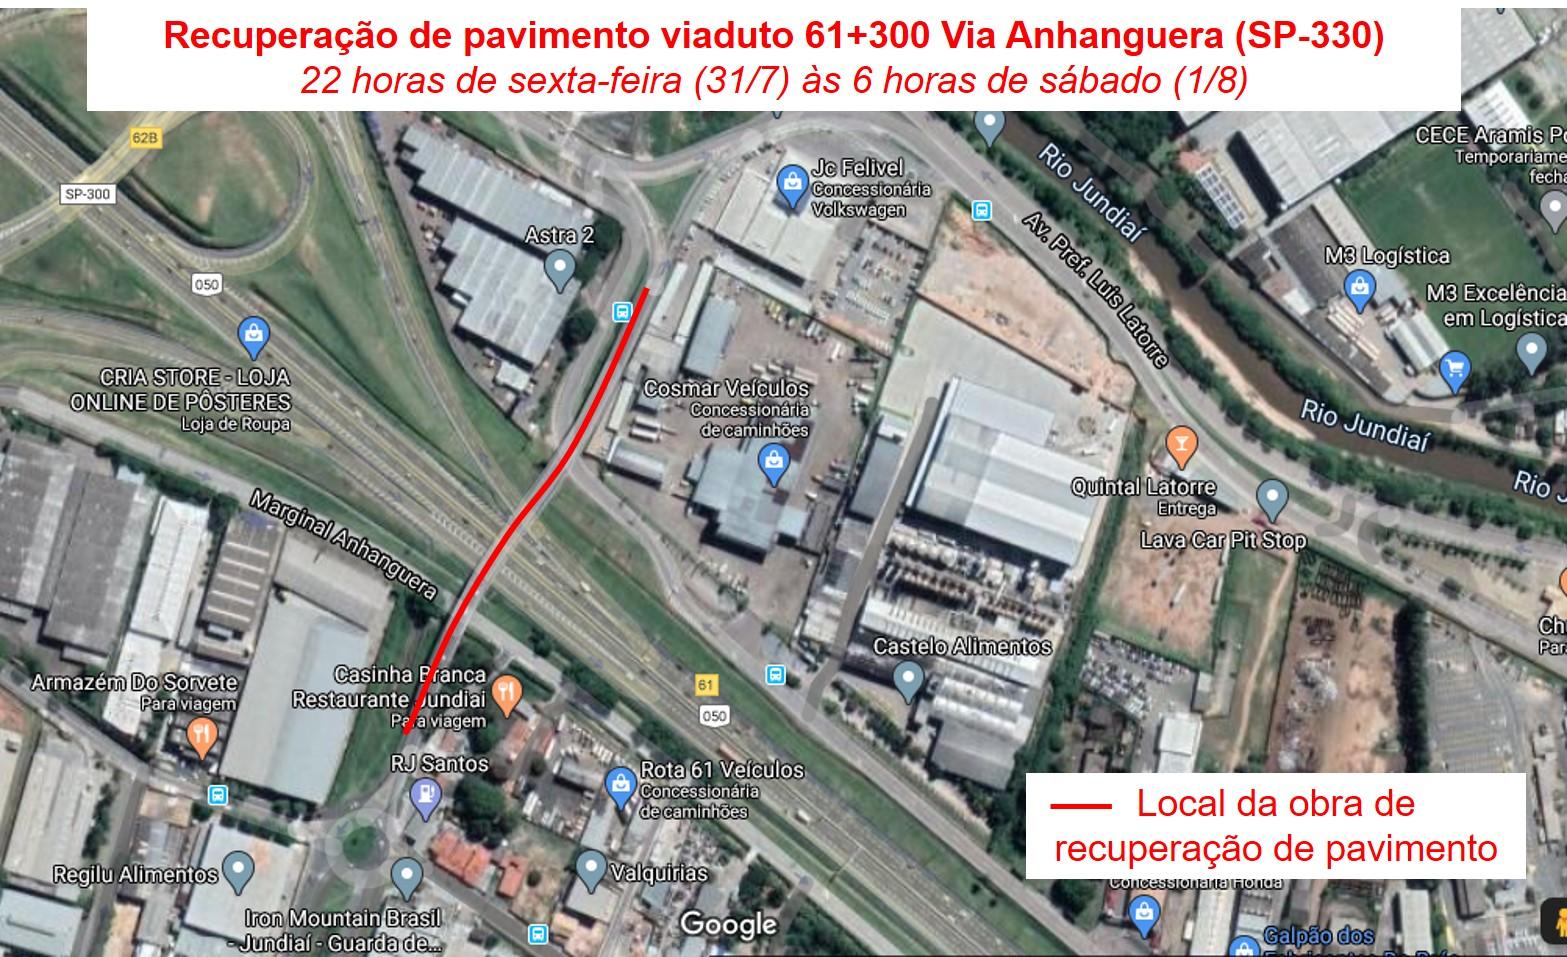 Obra vai interditar viaduto da Anhanguera até 6h deste sábado (1º)